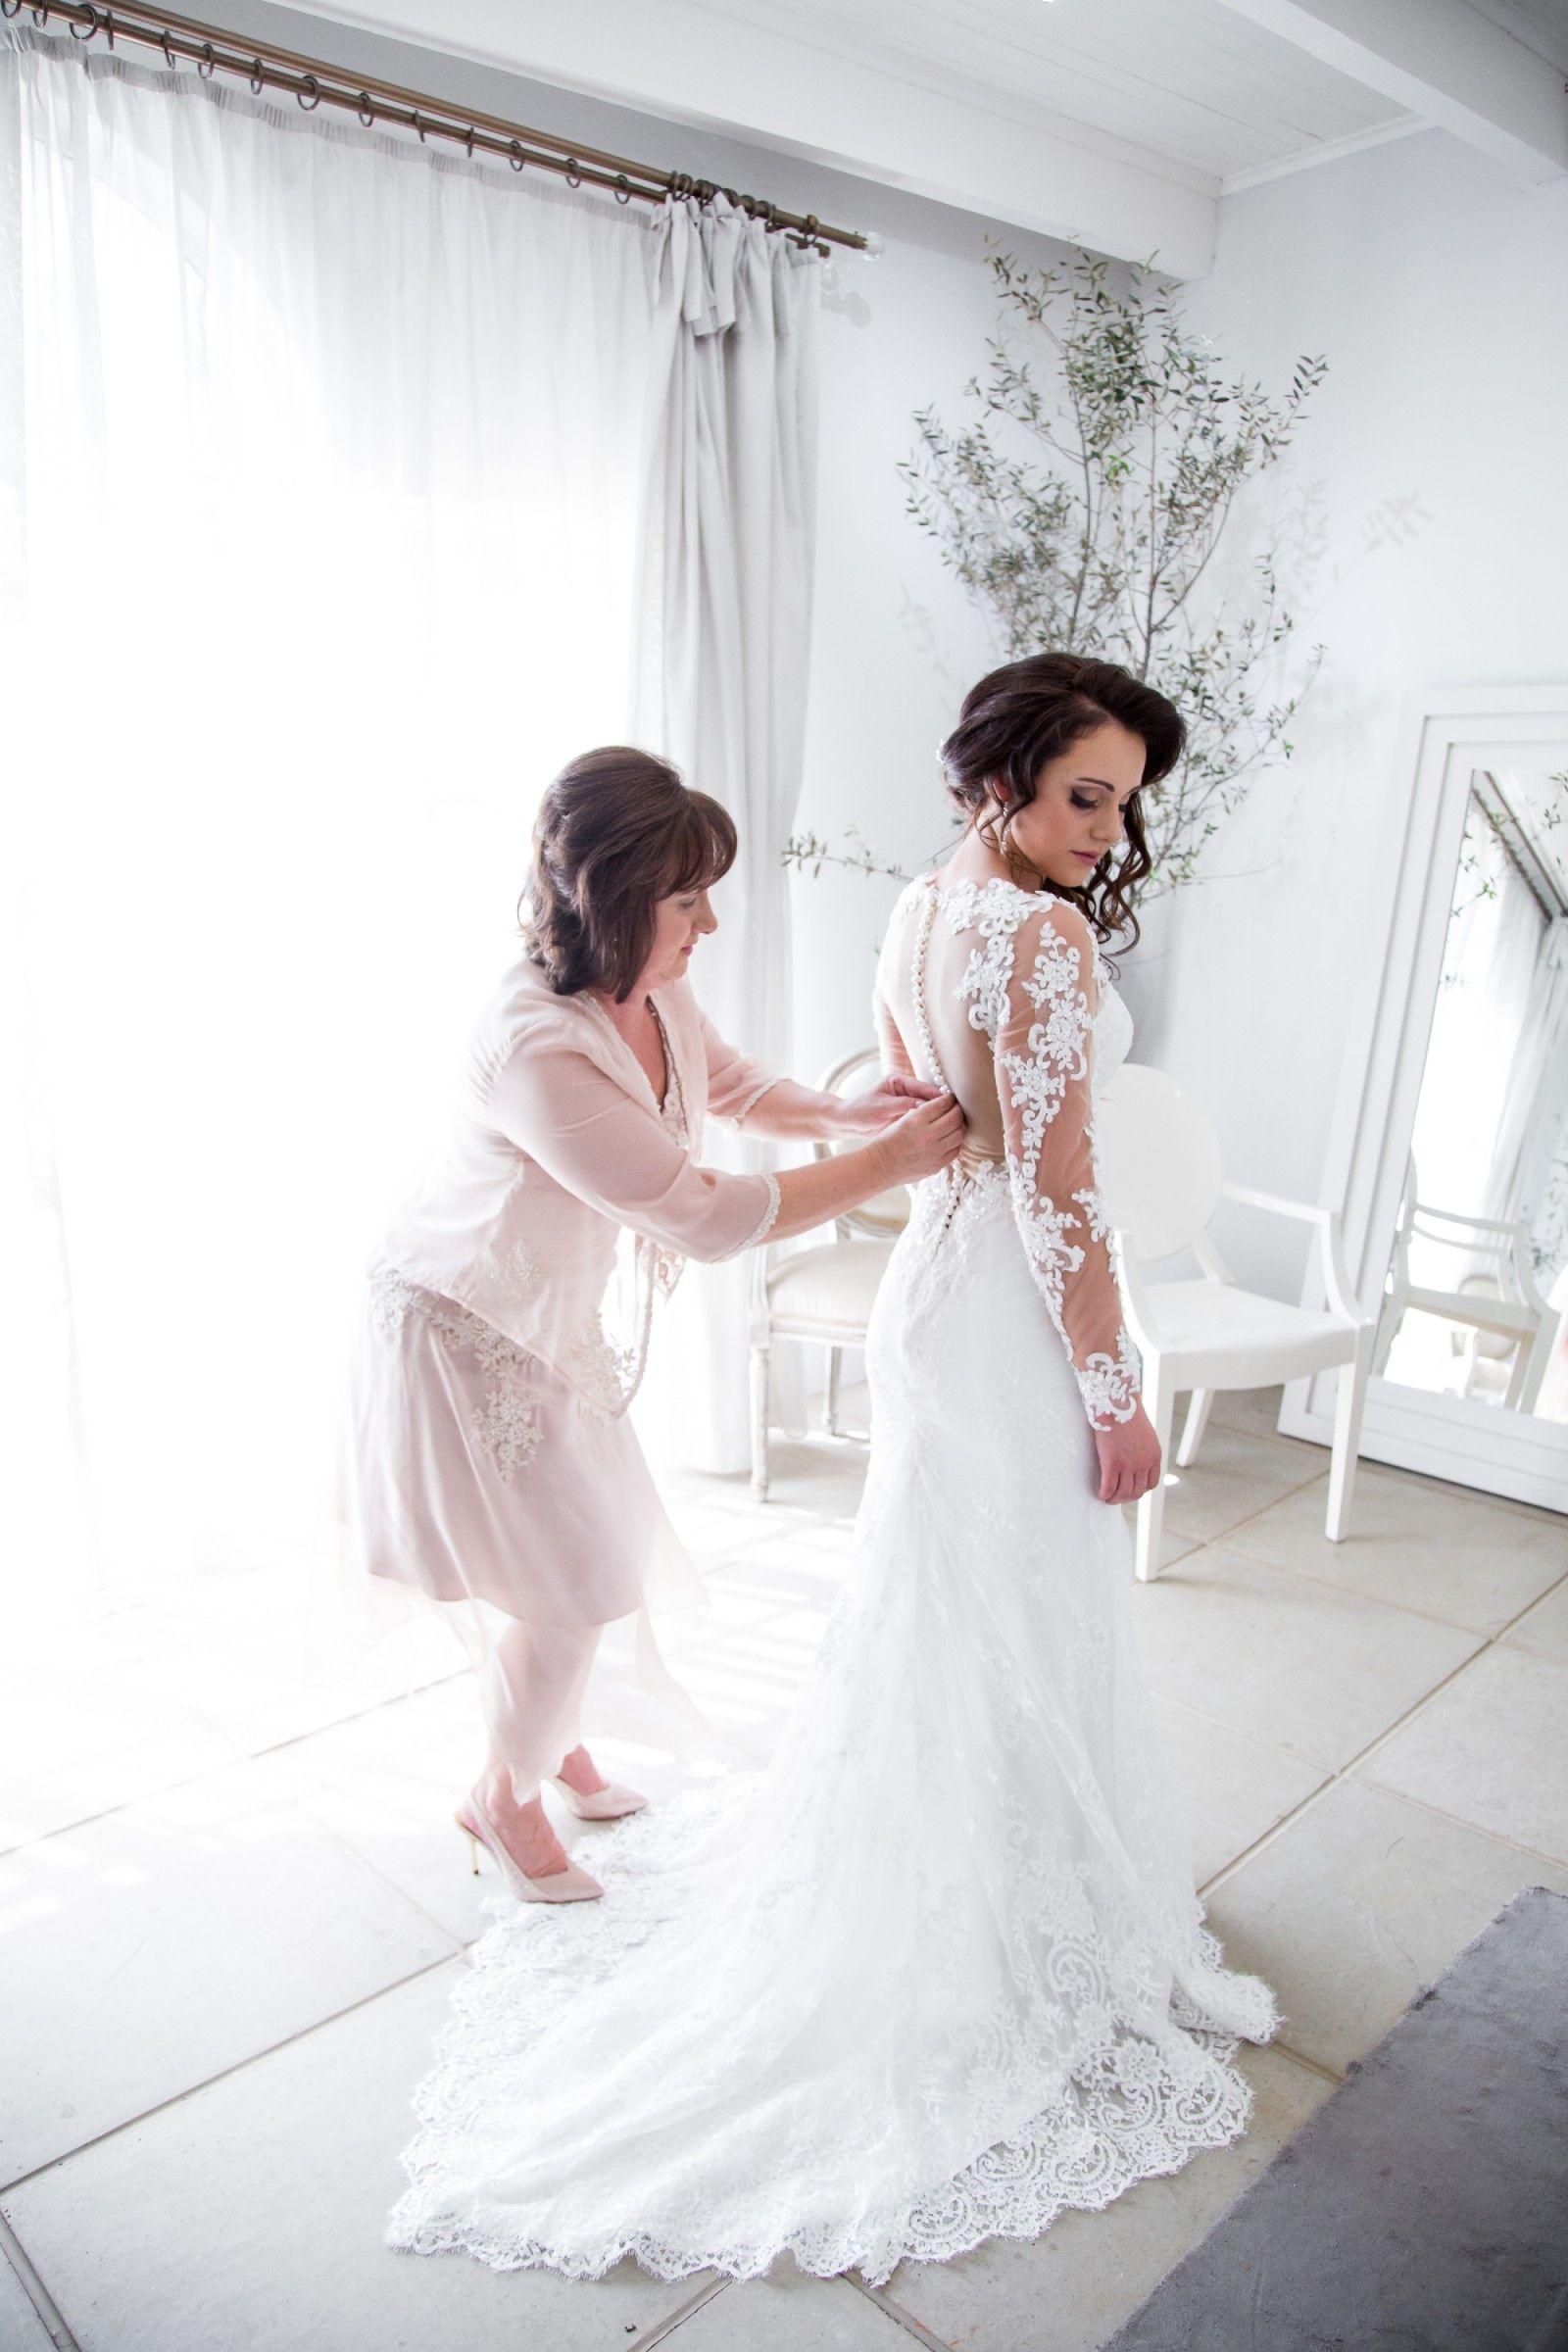 Kobus Dippenaar Naomi Customised Pre-Owned Wedding Dress on Sale ...